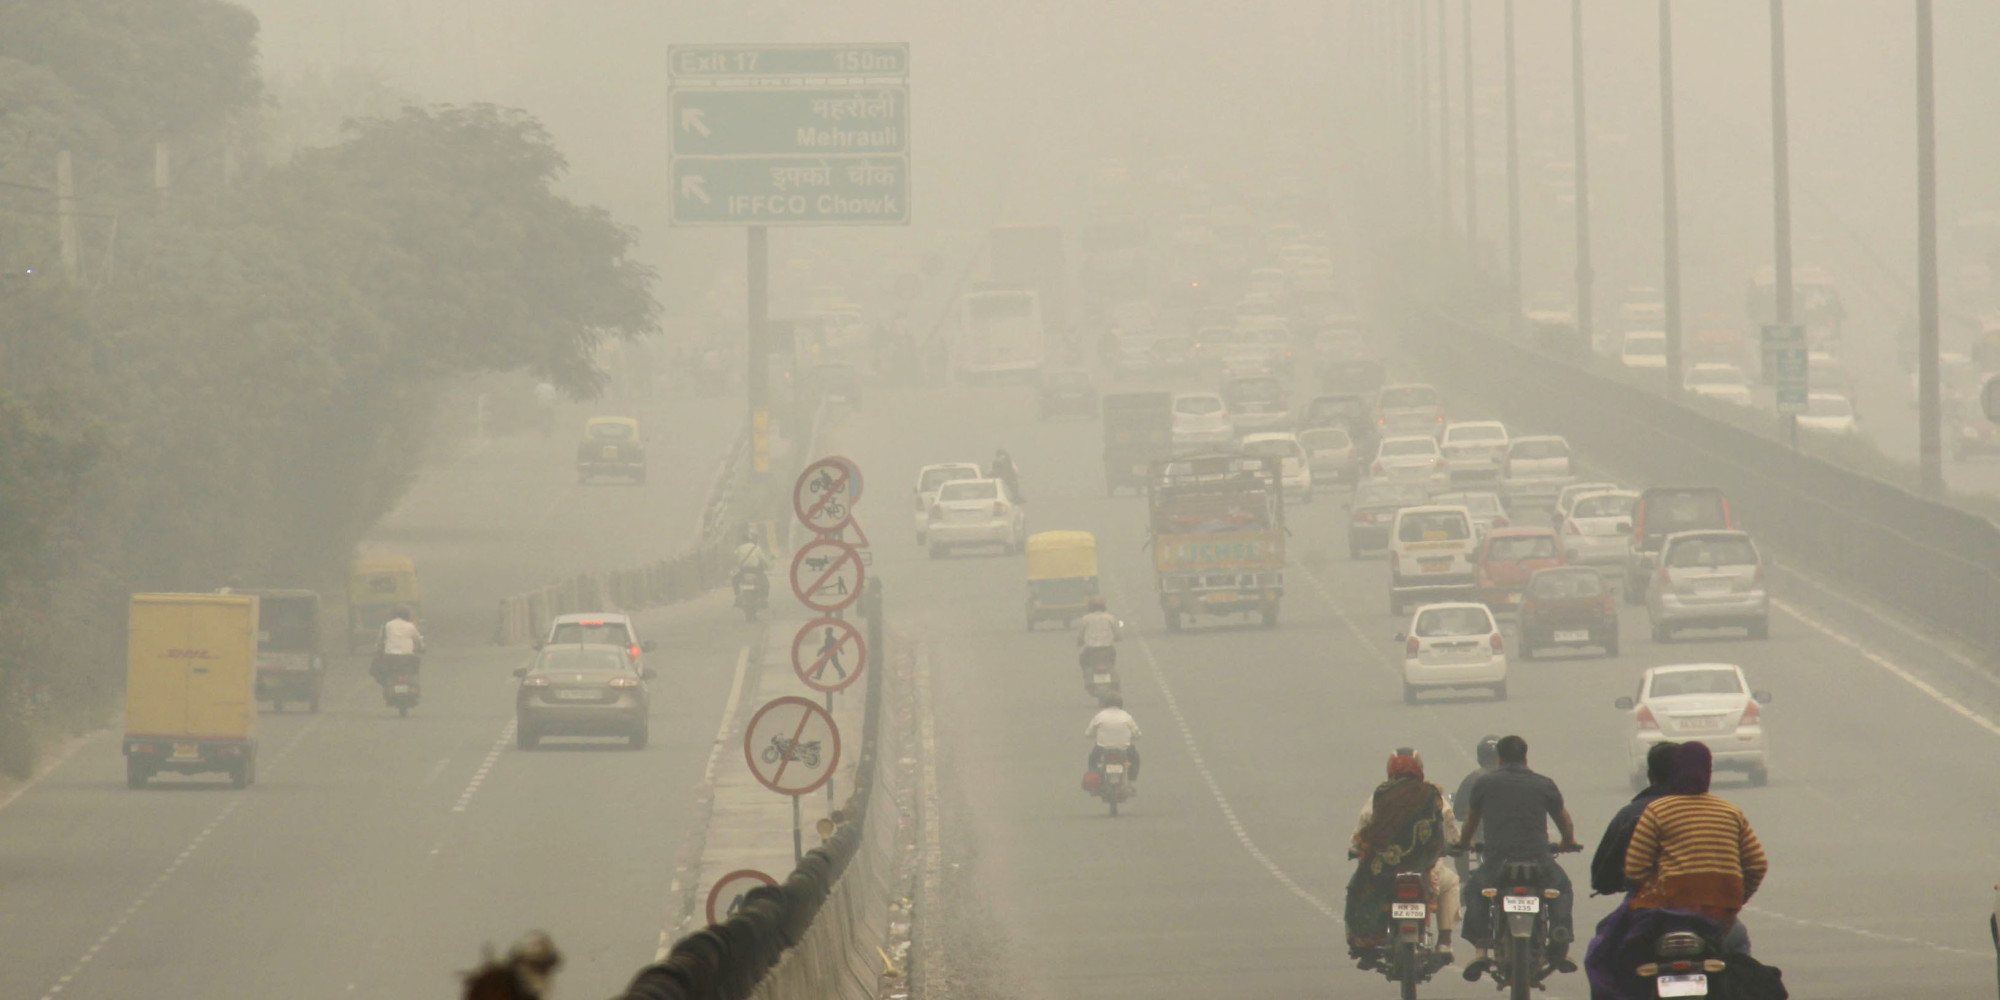 Lancet: nel 2015 l'inquinamento ha causato 9 milioni di morti